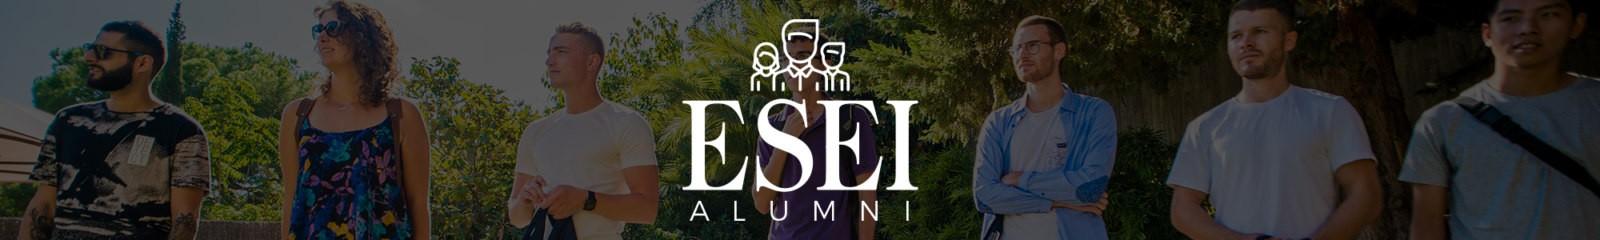 ESEI Alumni 7